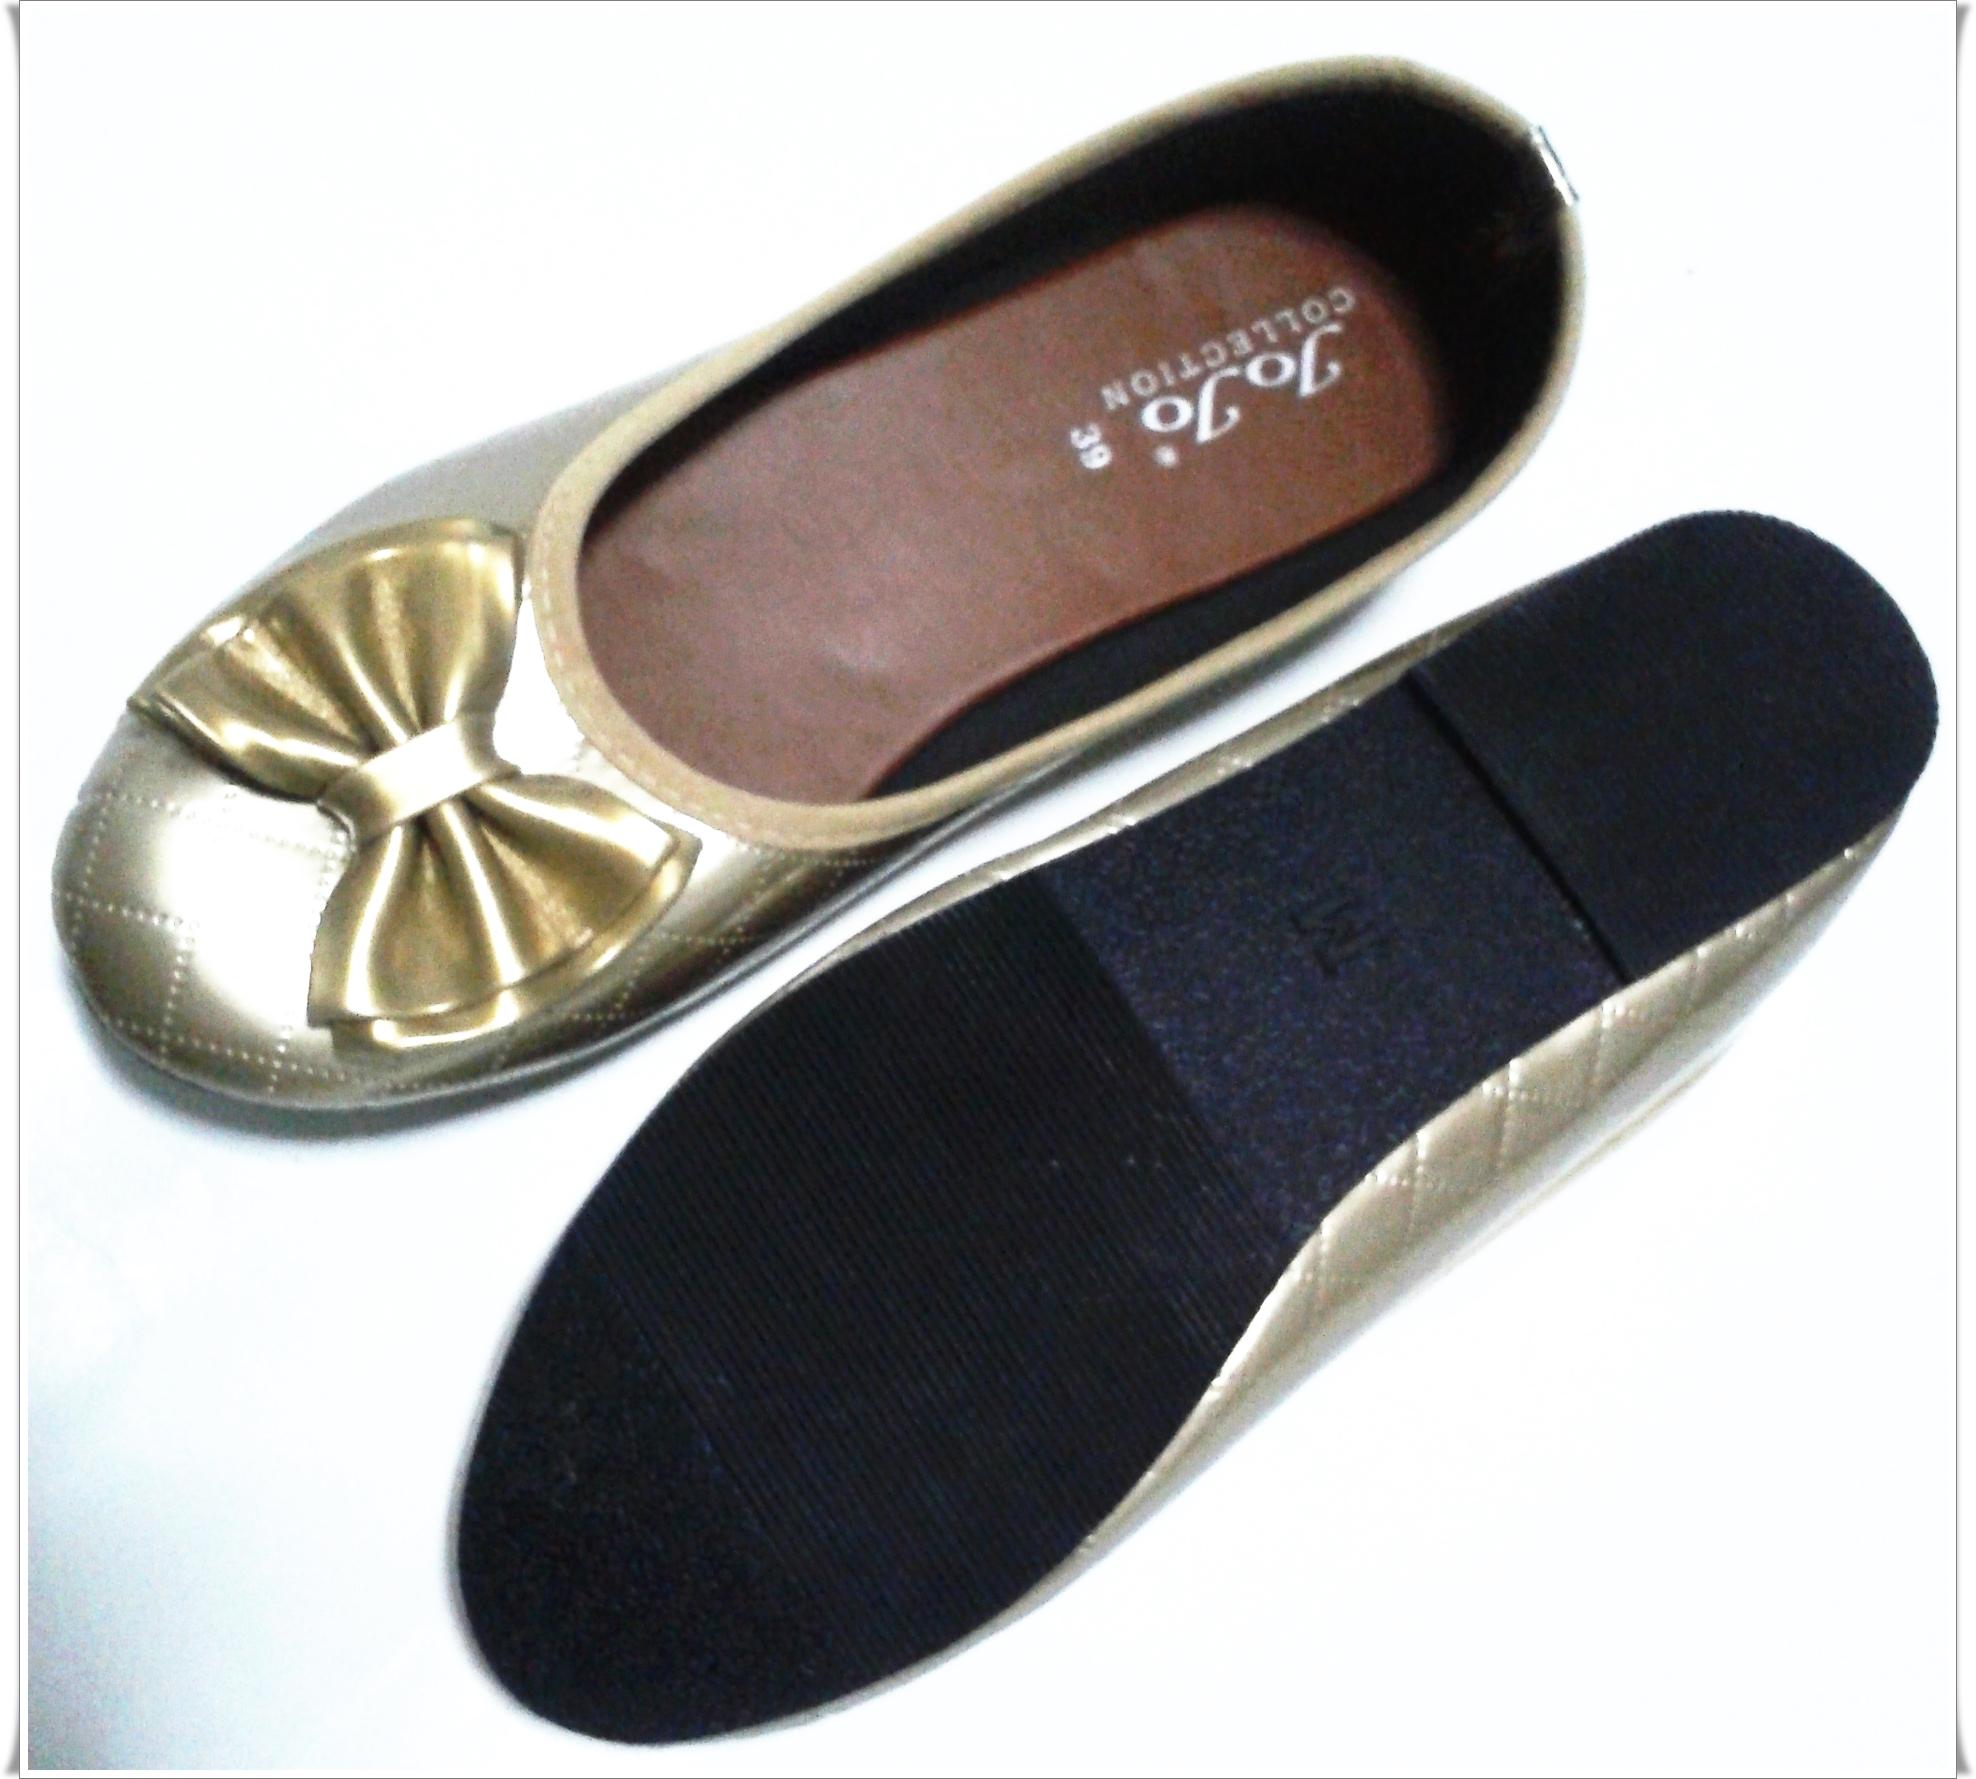 รองเท้าคัชชู ส้นเตี้ยพื้นยาง สีทอง มีลายโบว์ ขายสง